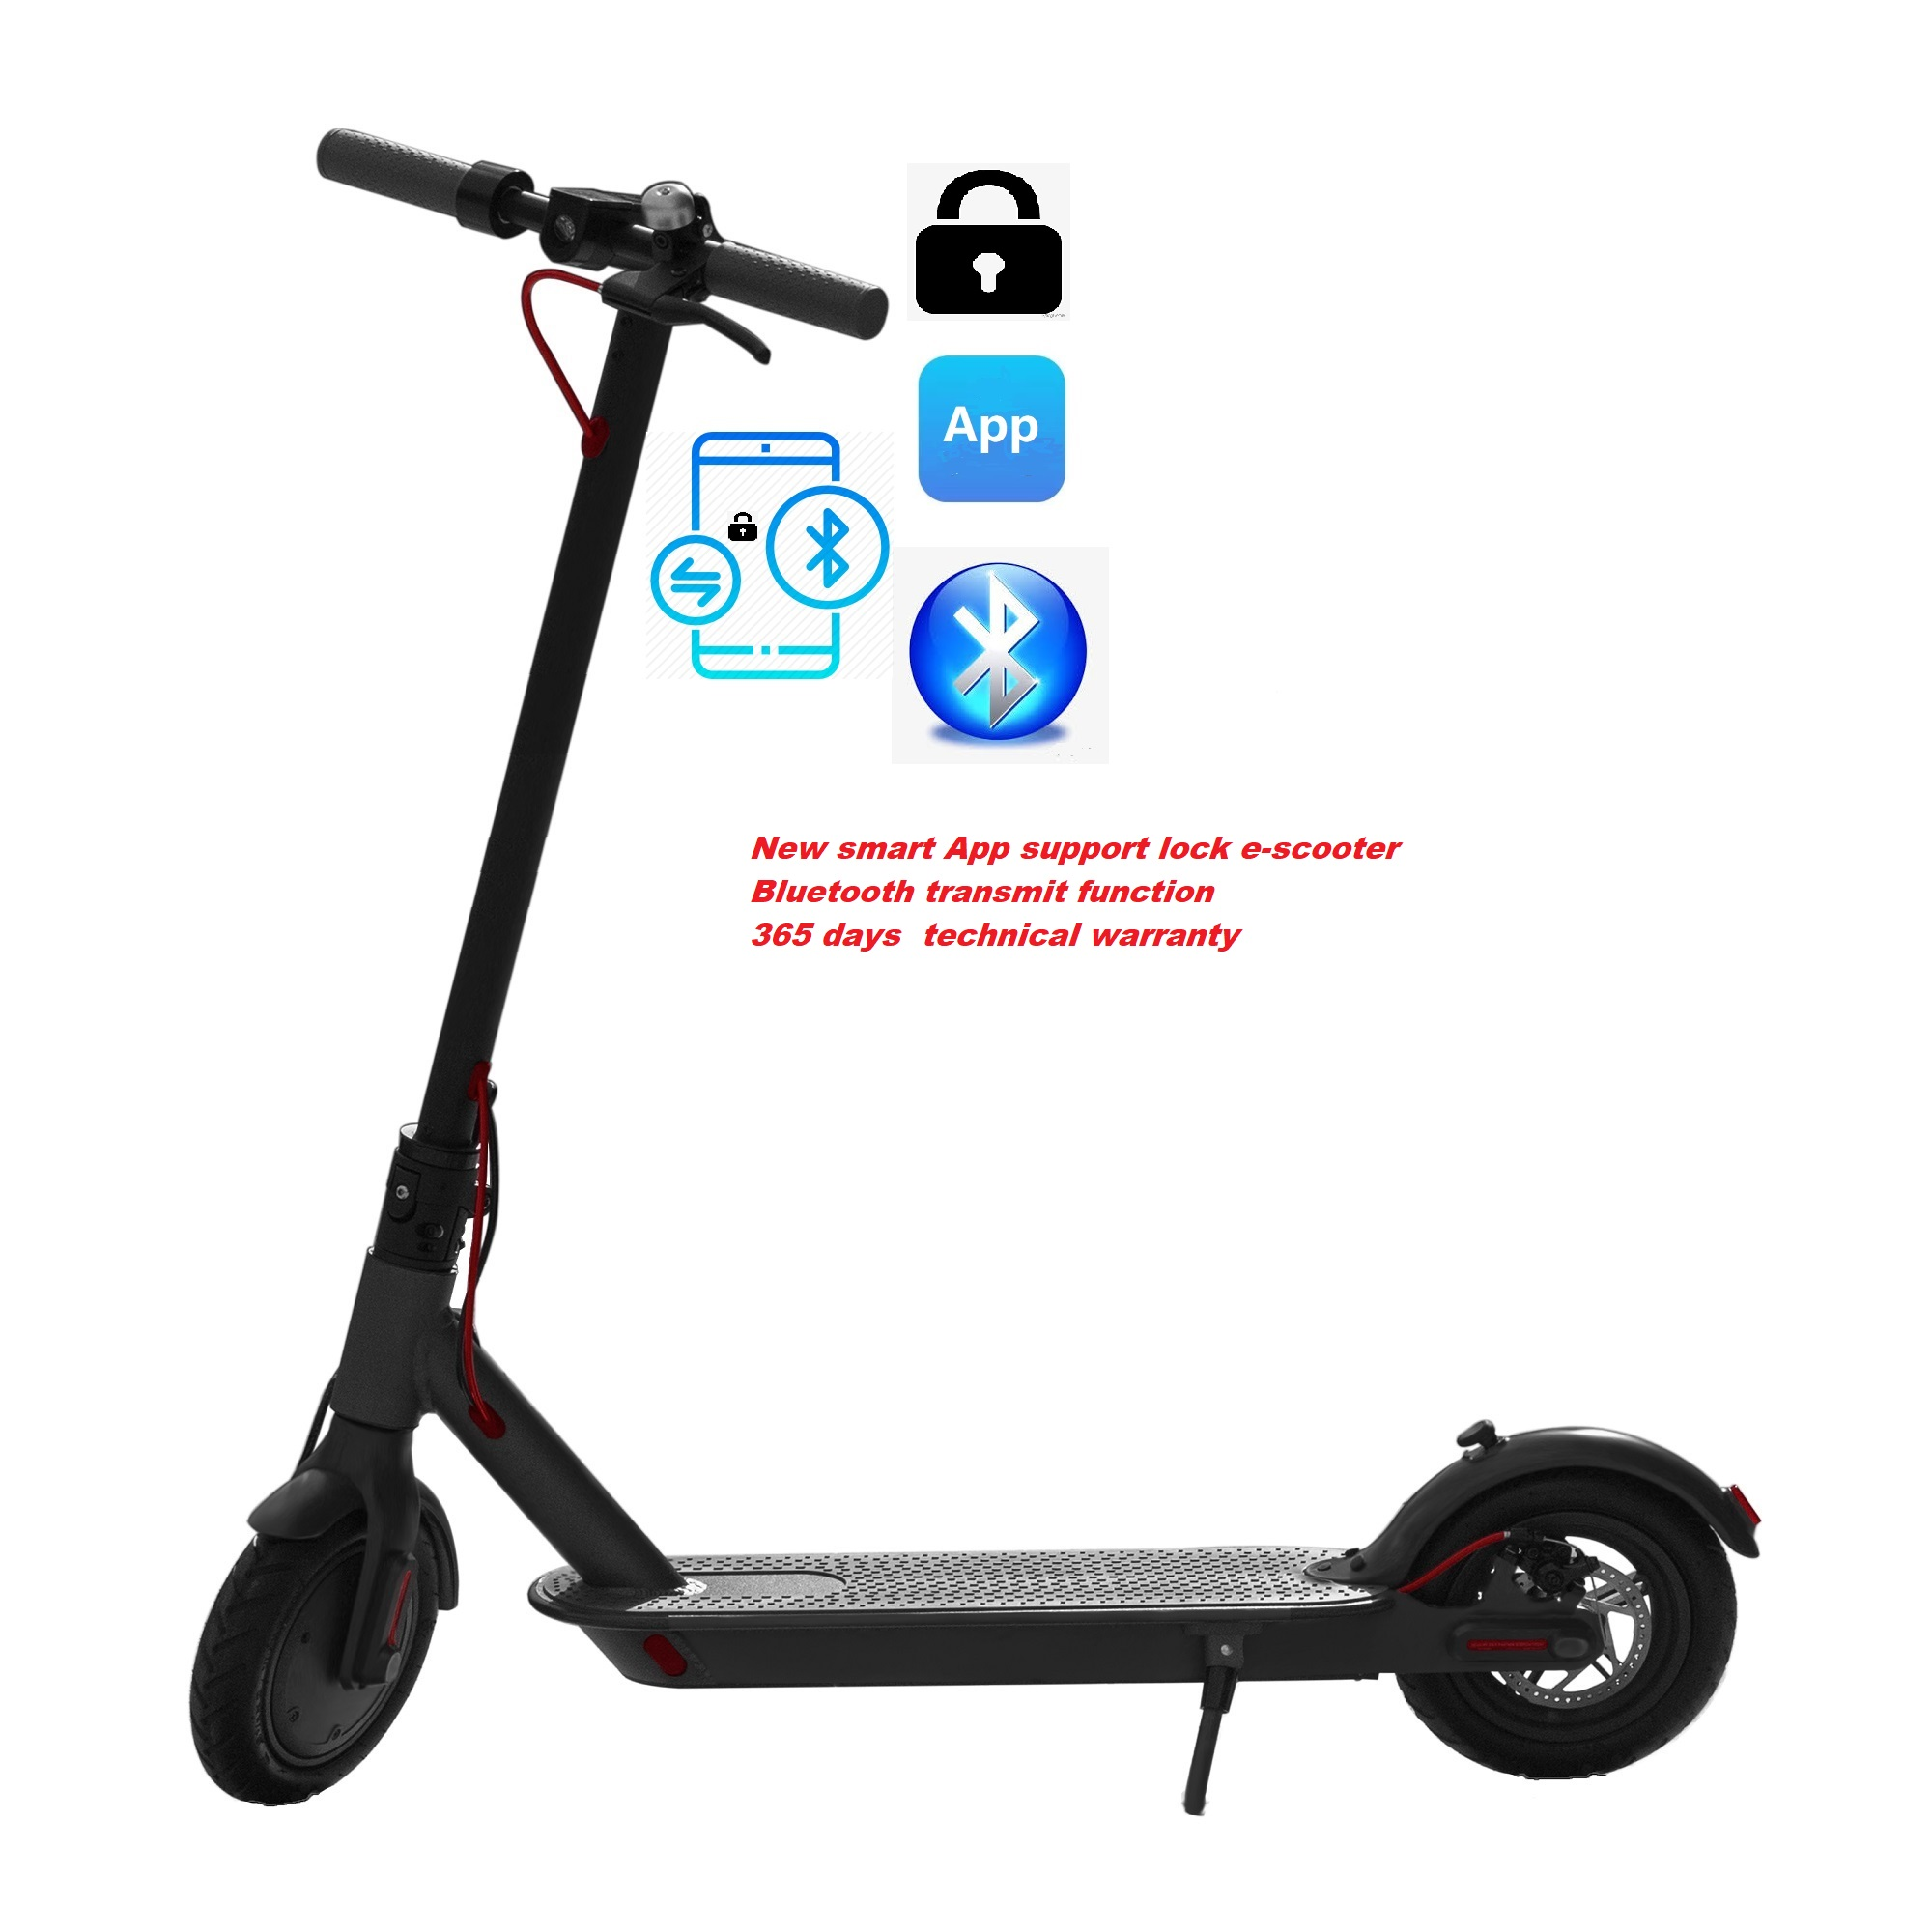 SUPERTEFF EW6 nouvelle génération App scooter électrique 8.5 e-scooter pour adultes vélo électronique LCD affichage scooter chargement 120 kg